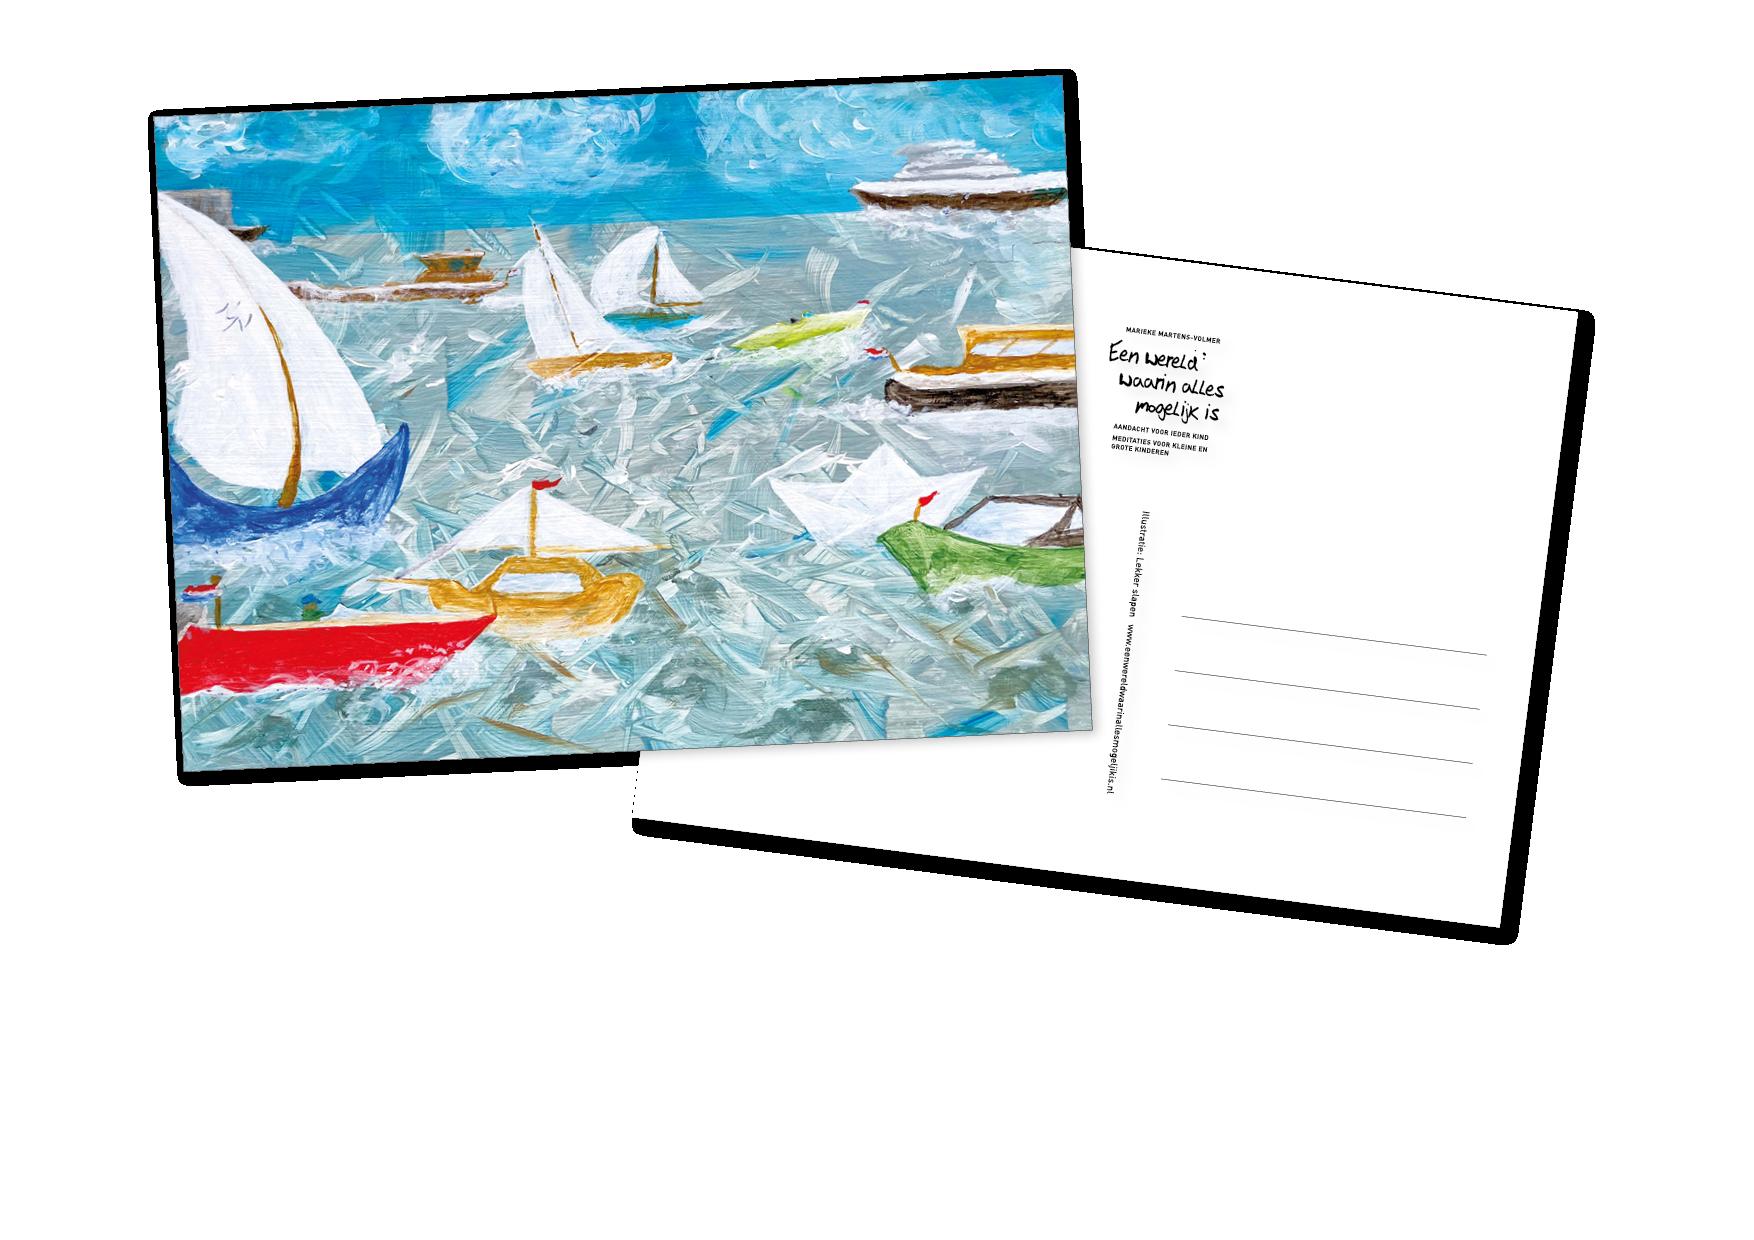 Een wereld waarin alles mogelijk is - postkaartenset 2